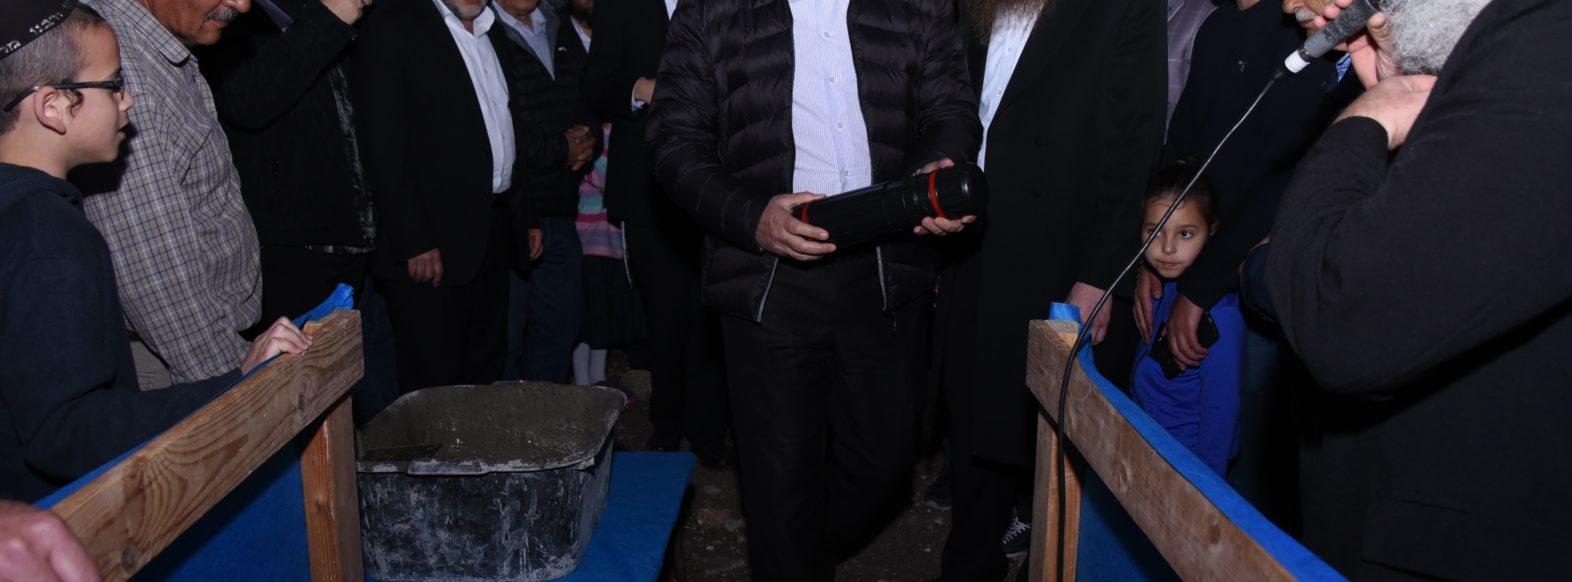 טקס הנחת אבן פינה לבית הכנסת החדש בשכונת גבעת אלונים